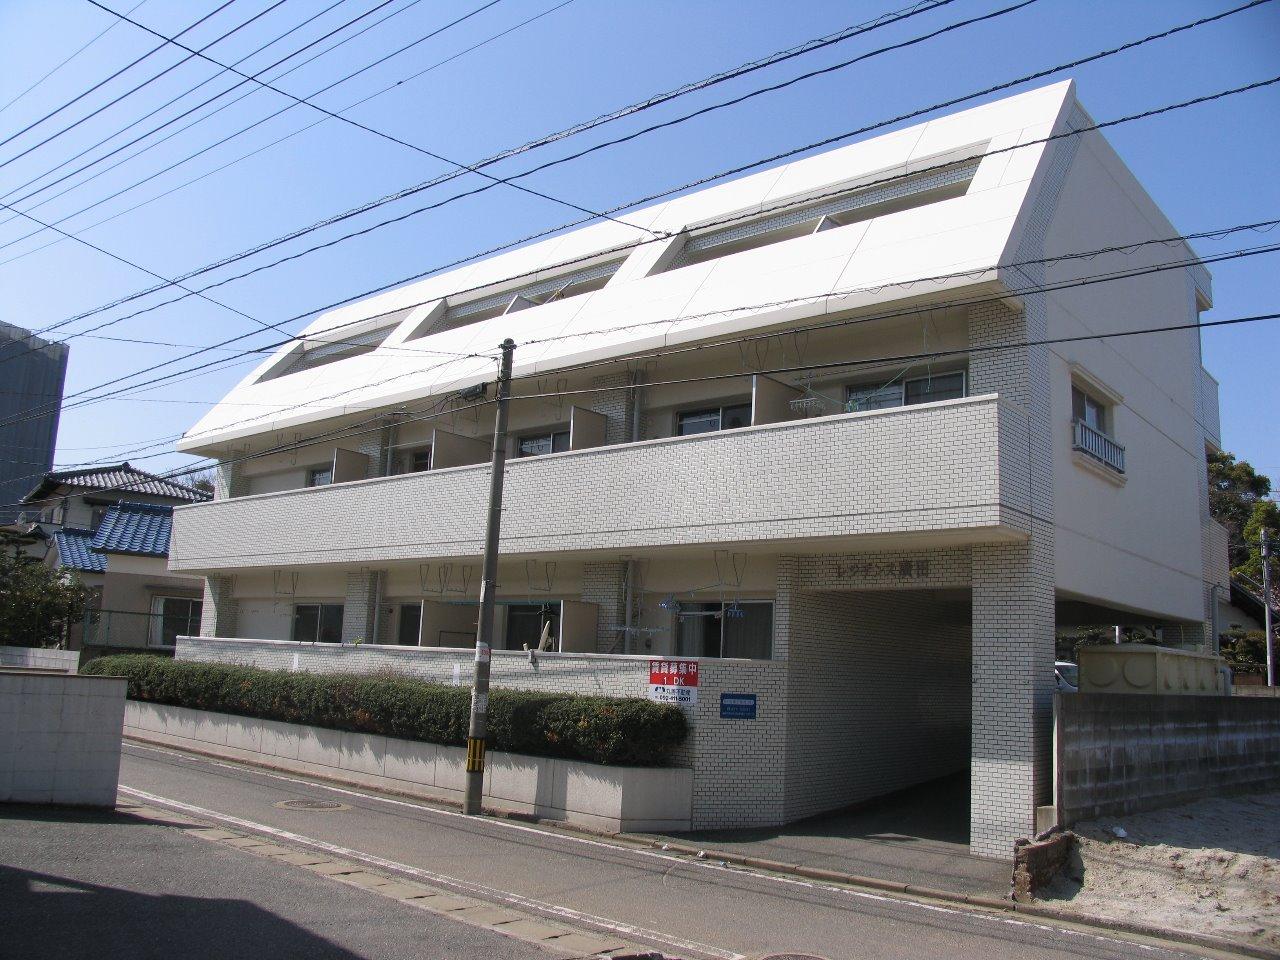 【賃貸物件】1DK|人気の那珂地区。駅近、博多駅までアクセス便利!